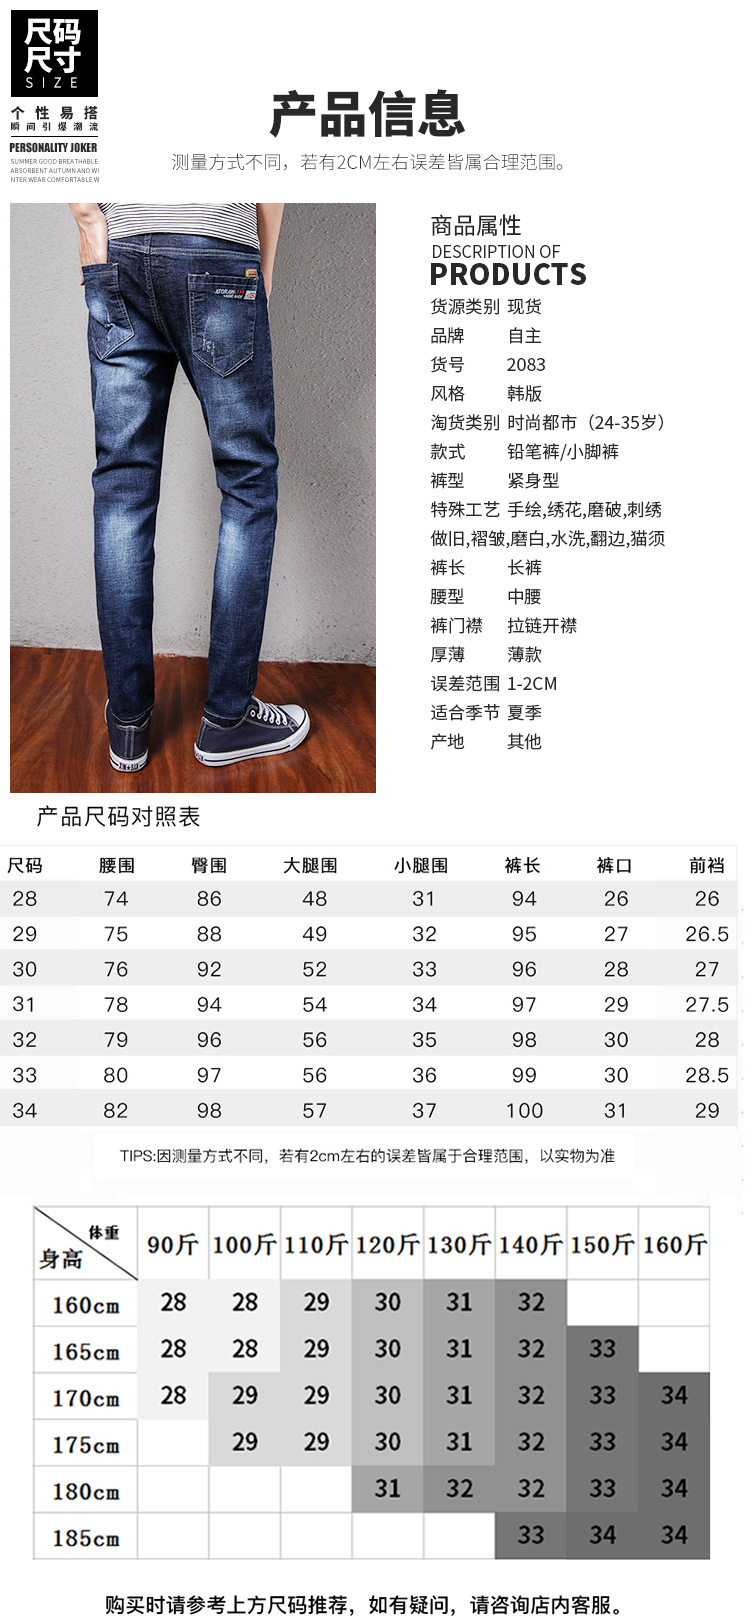 新款男士牛仔裤 百搭男式韩版潮流修身牛仔裤  青年裤一件代发示例图3